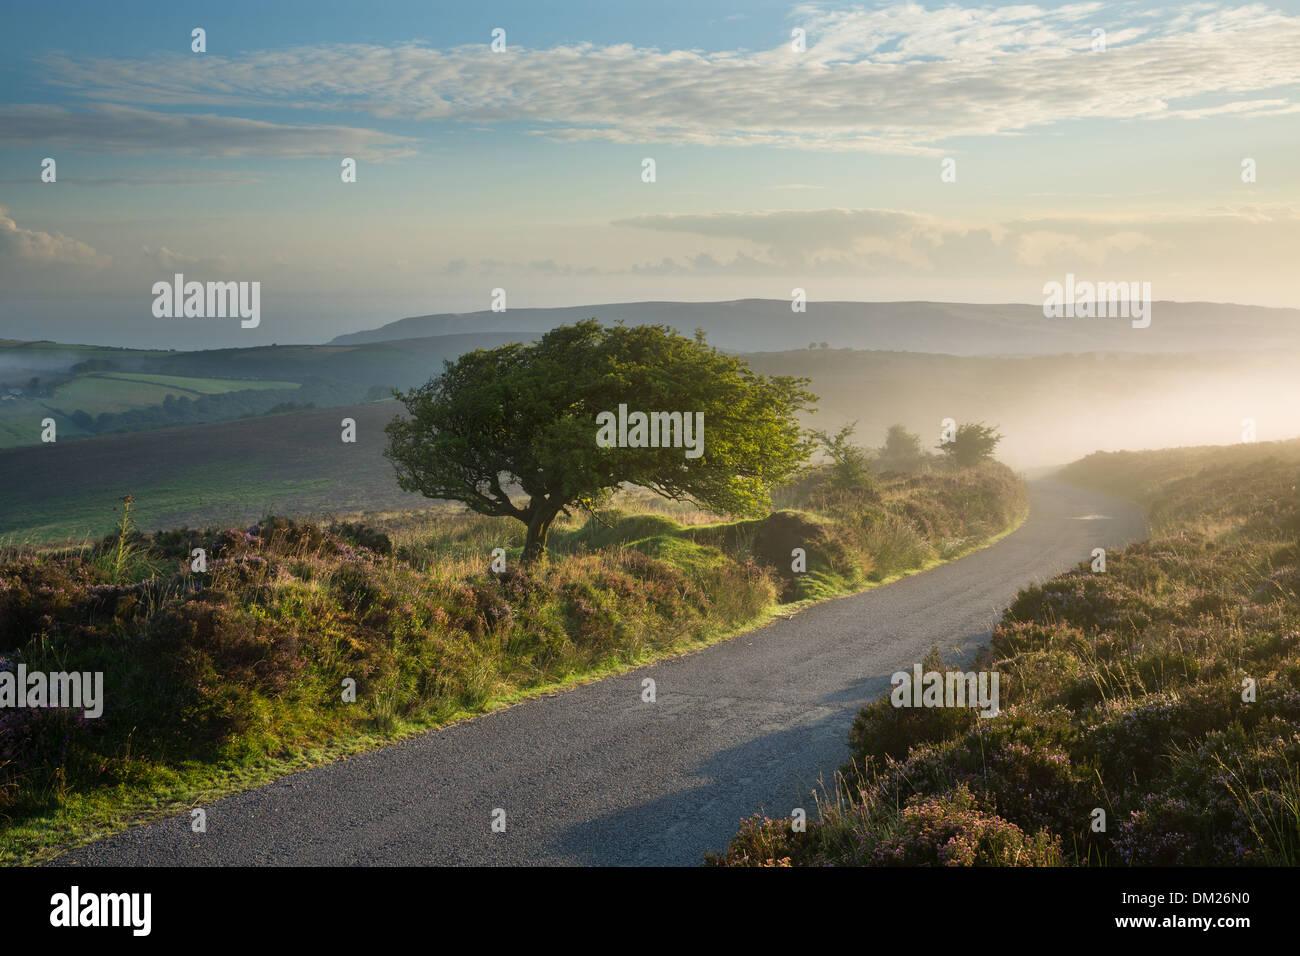 La strada sopra Stoke Pero comune, Dunkery Hill, Parco Nazionale di Exmoor, Somerset, Inghilterra, Regno Unito Immagini Stock